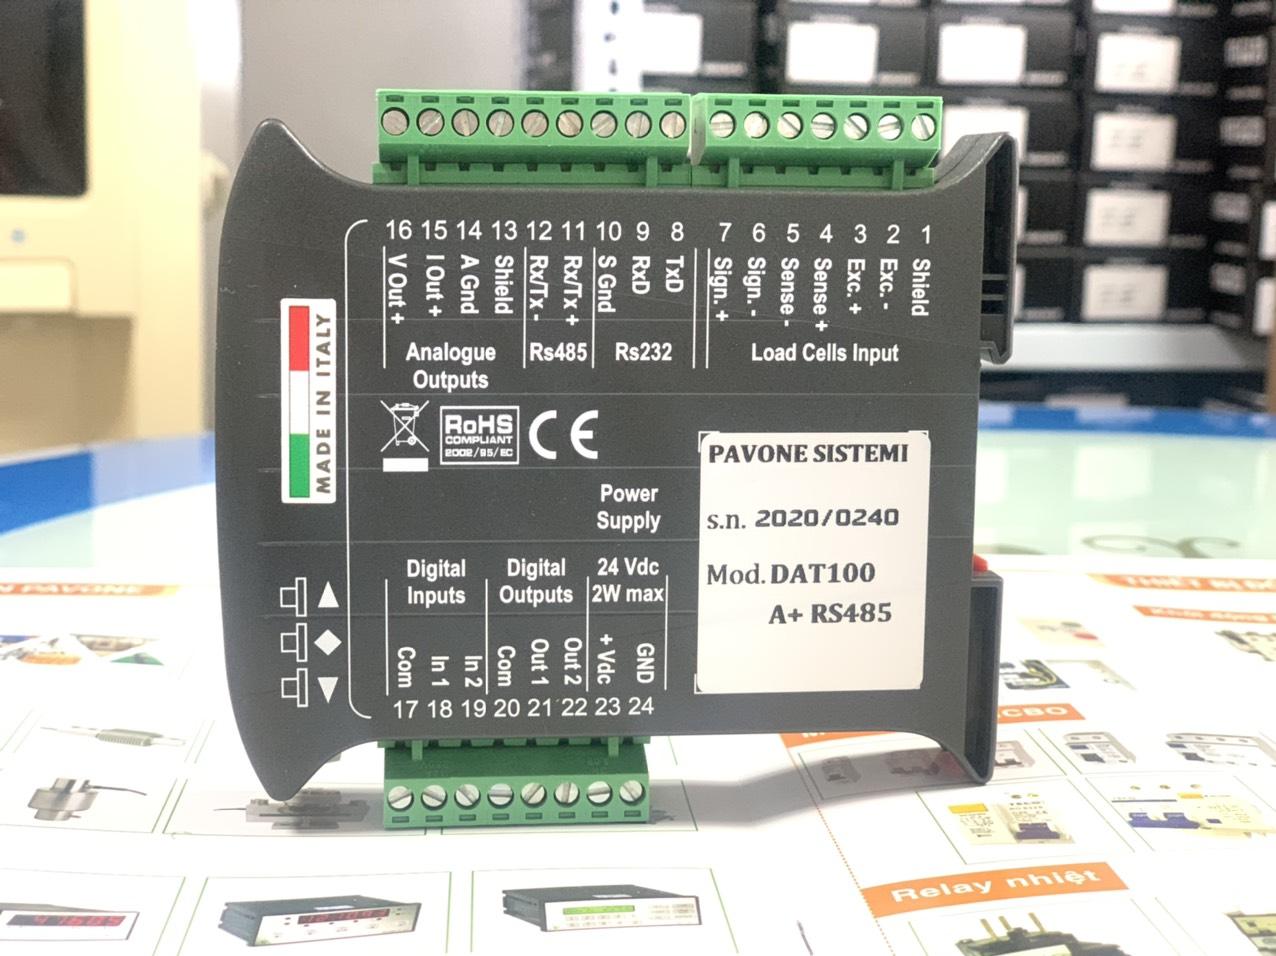 Đầu cân điện tử DAT100/A có thêm đầu ra Analog (0-10V & 4-20mA), cập nhật bảng giá tốt nhất 2021 tại đây